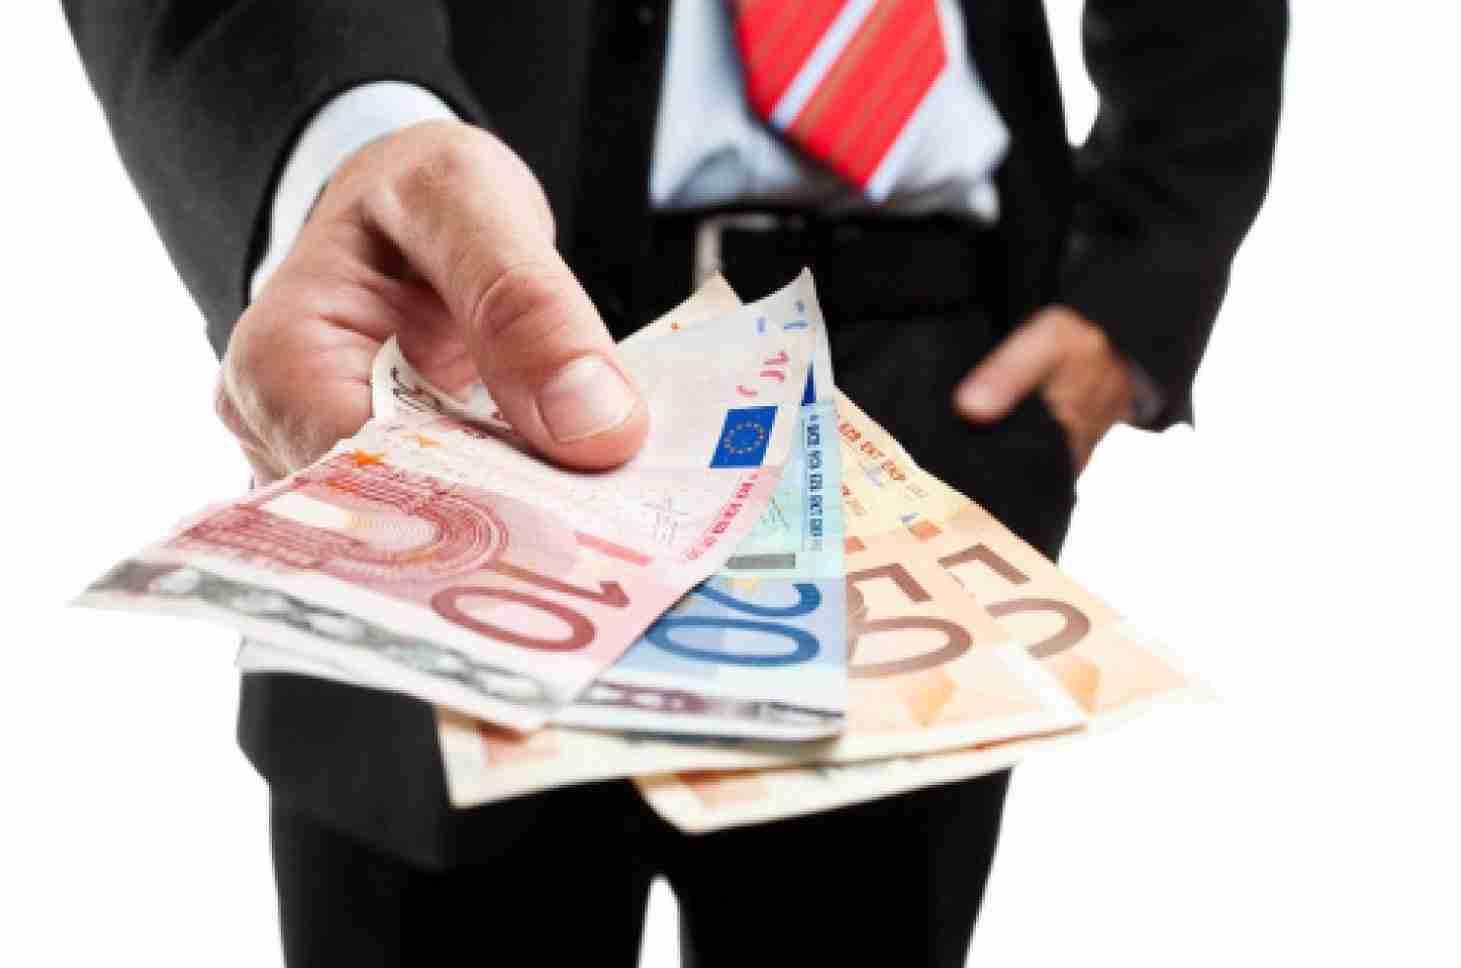 Calano i tassi dei prestiti, cresce la fiducia di banche e famiglie